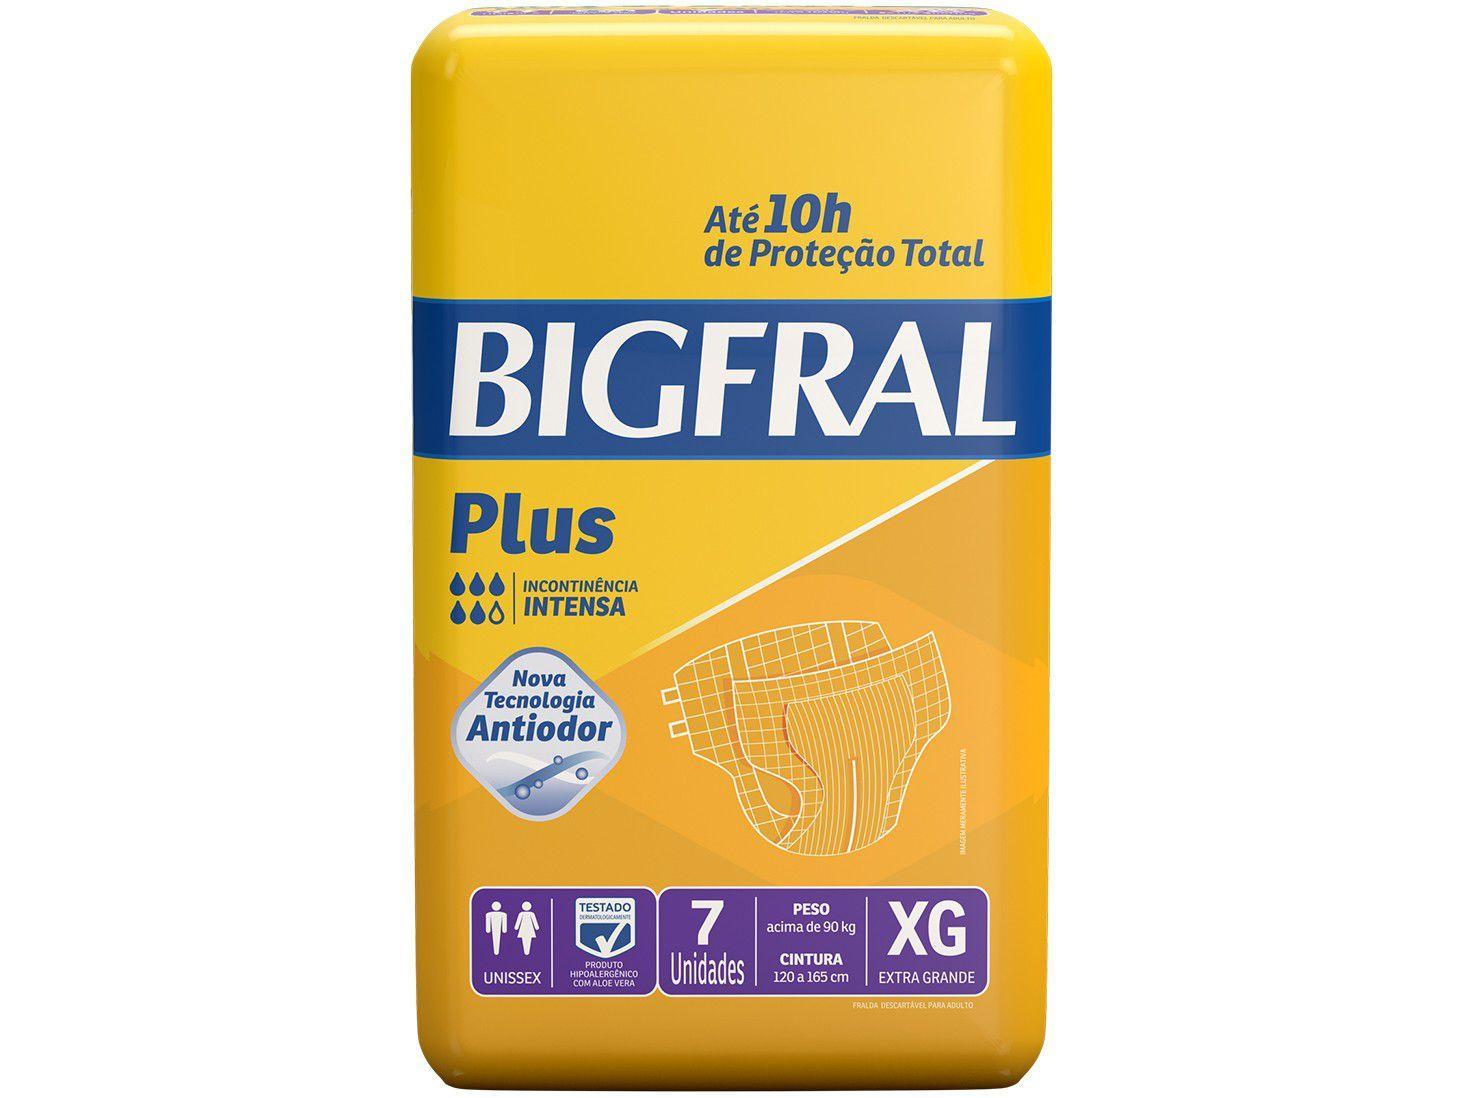 Fralda Geriátrica Bigfral Plus XG - 7 Unidades